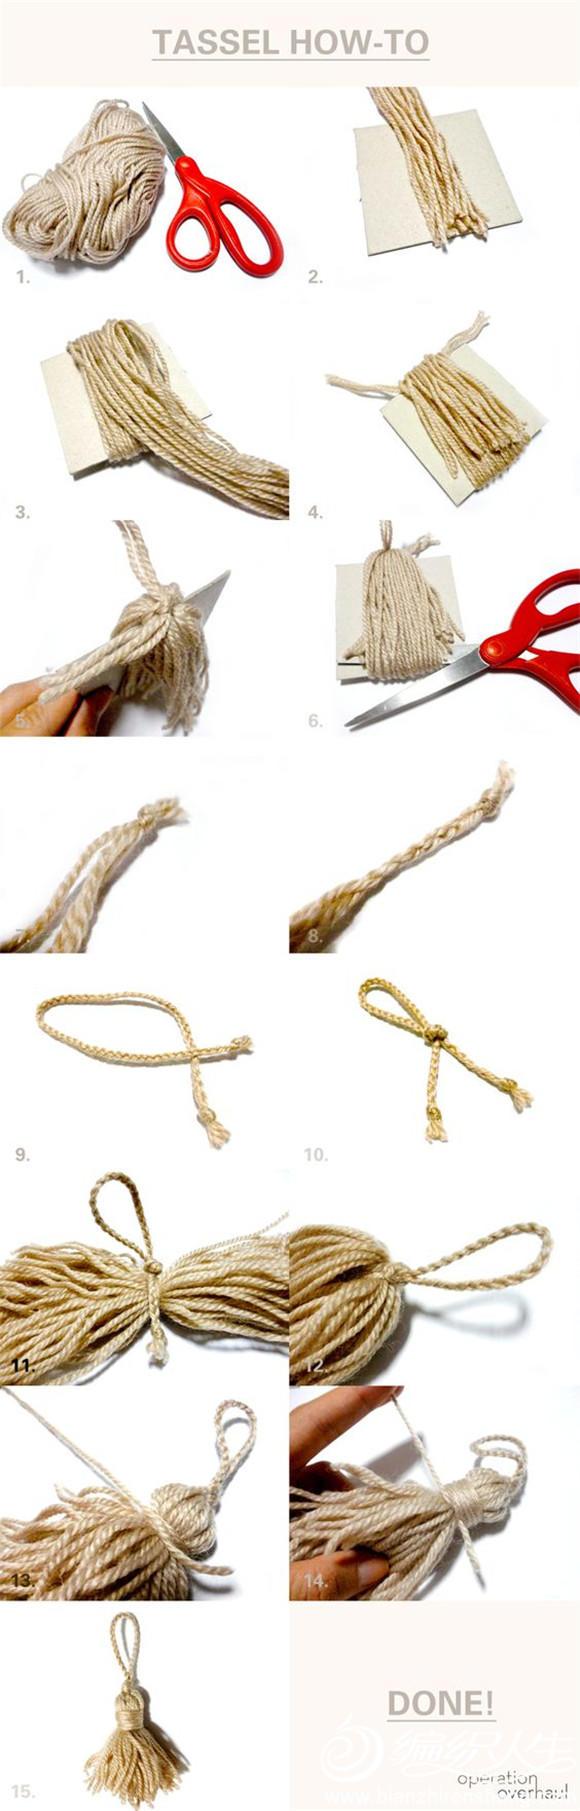 毛线流苏制作